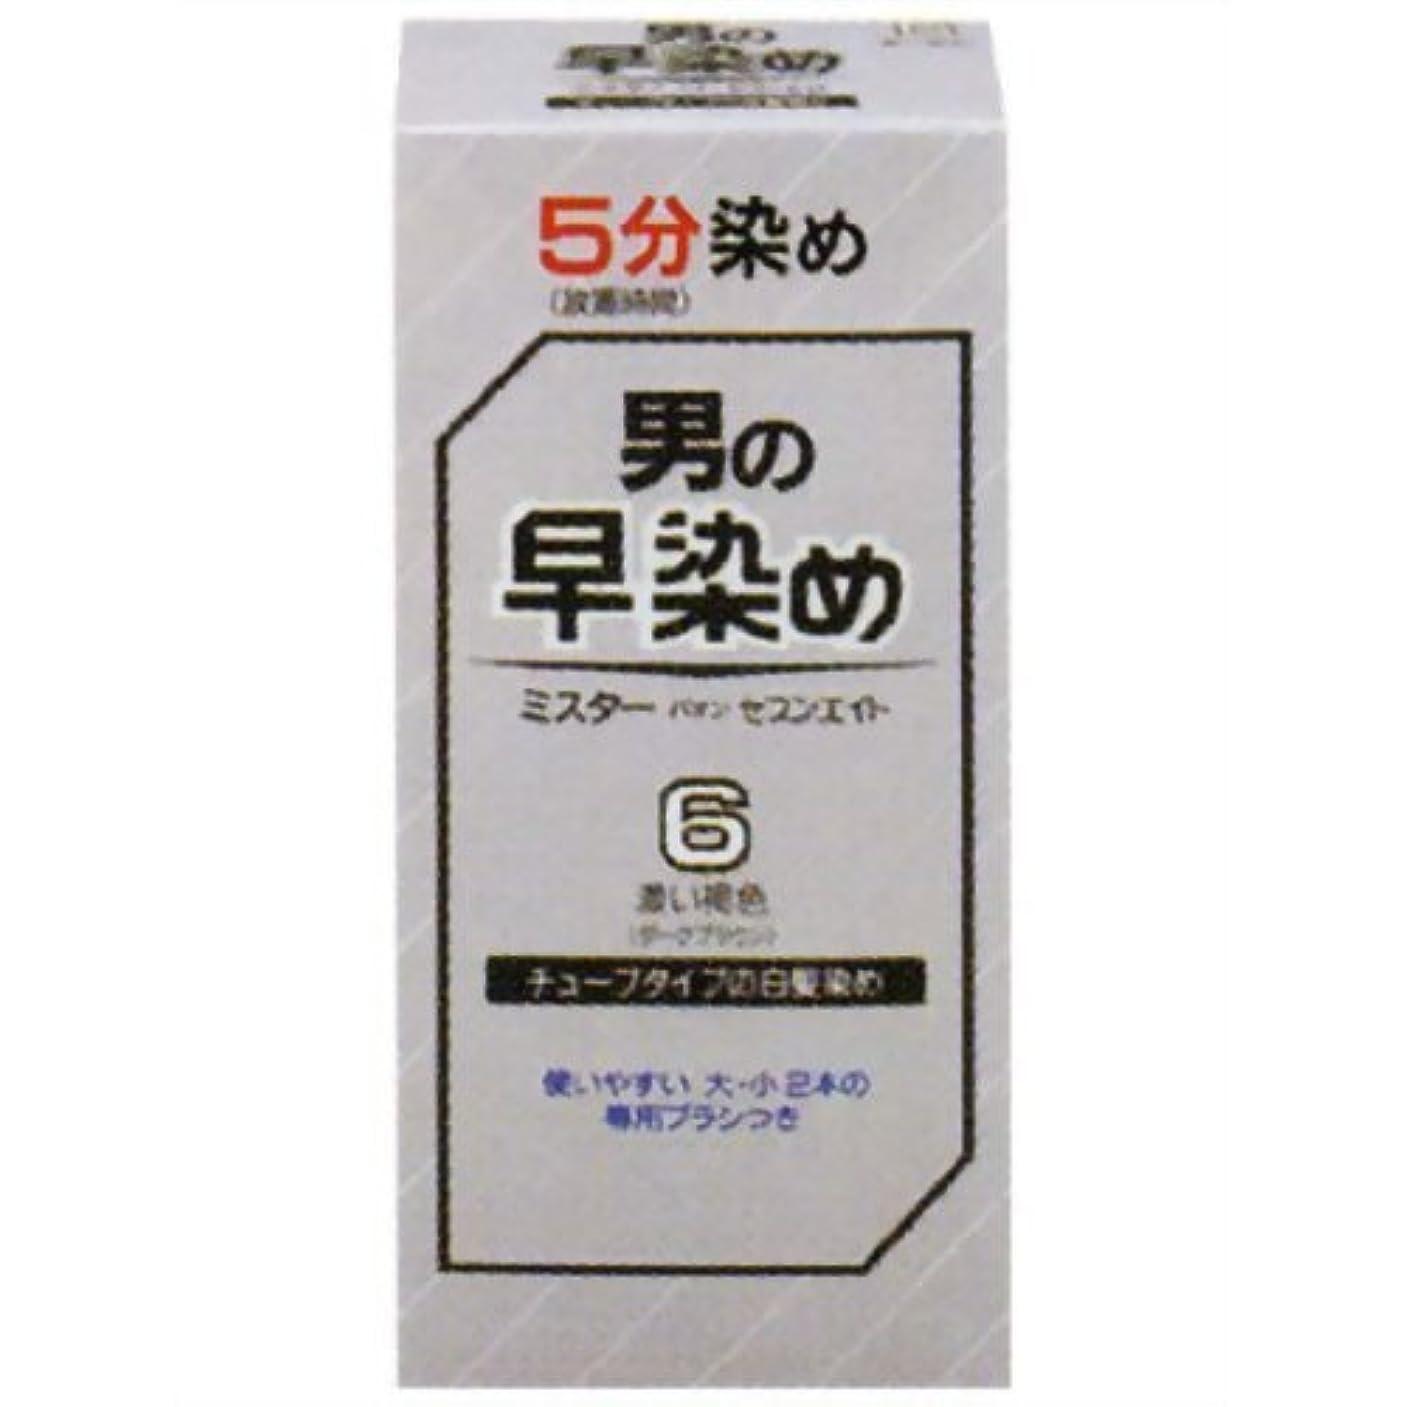 クロニクル広い記憶【シュワルツコフ ヘンケル】ミスターパオン セブンエイト6?濃い褐色 ×3個セット